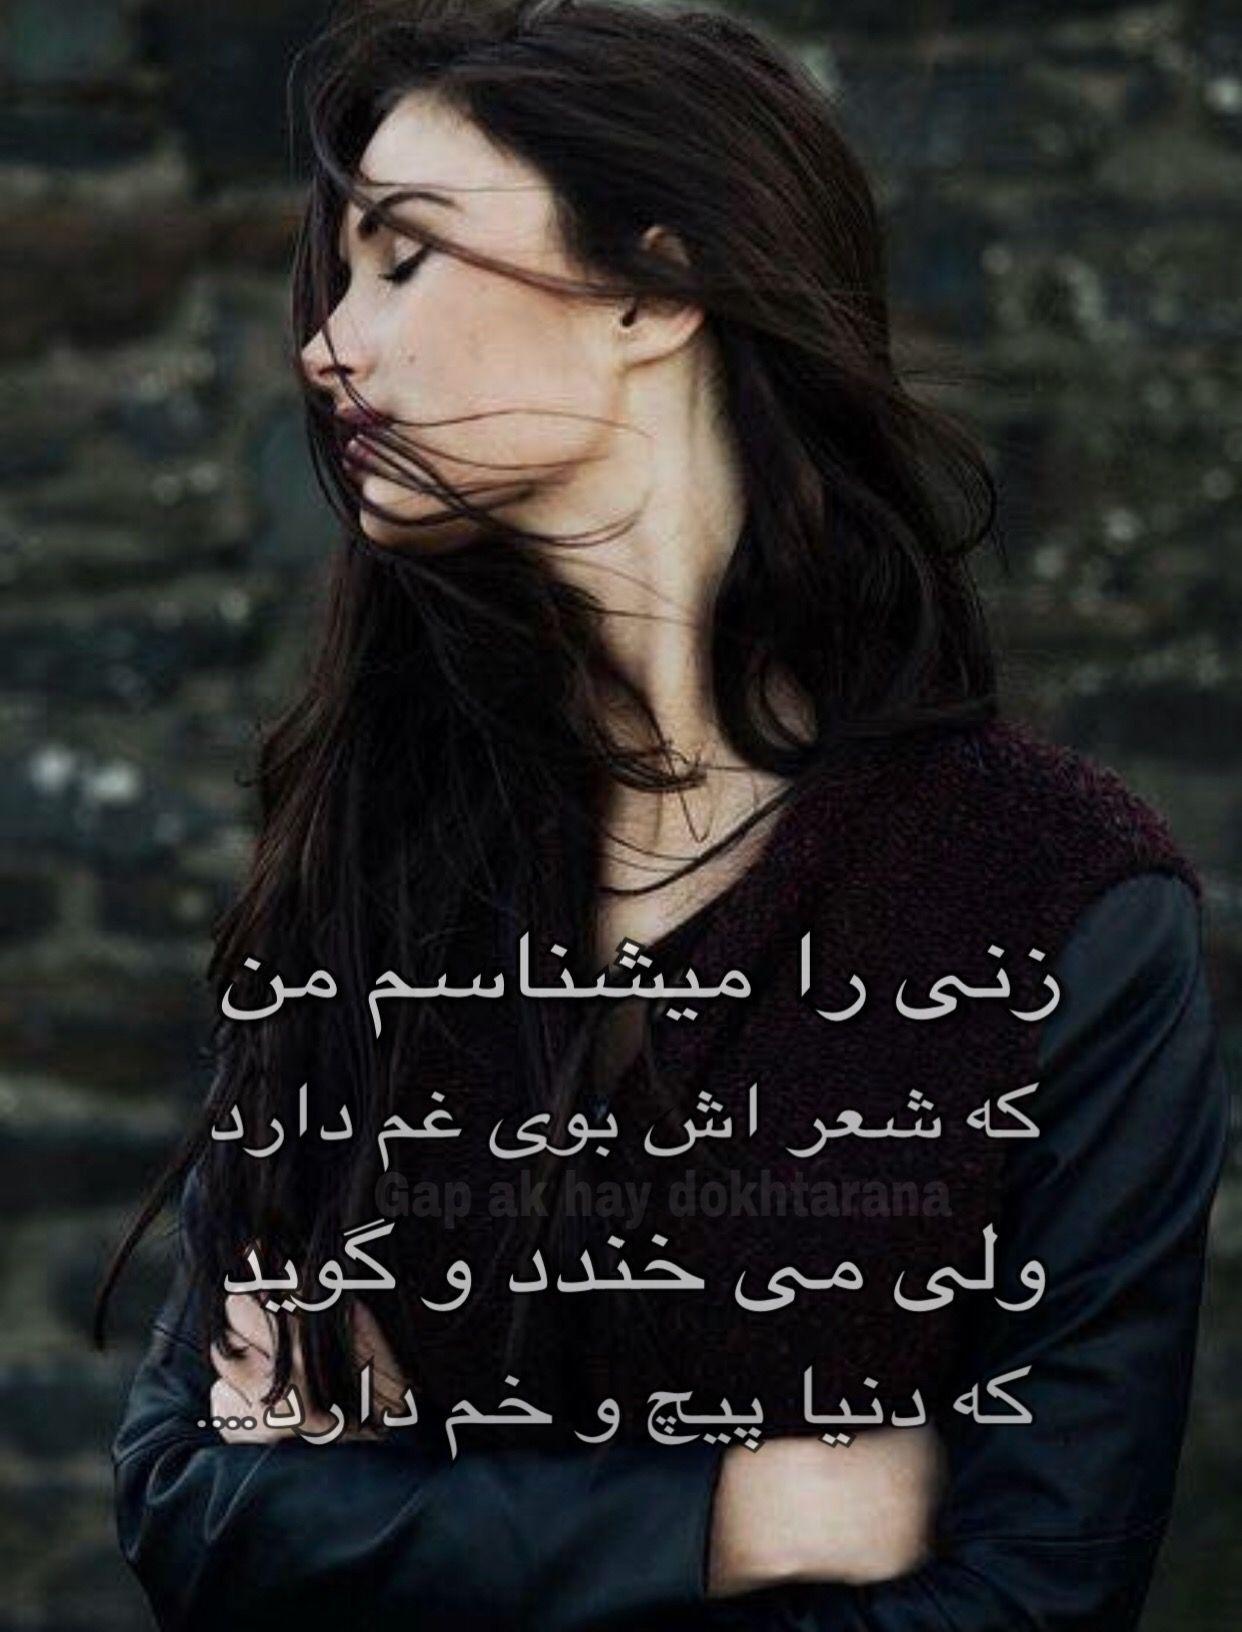 Afghan Dari Farsi Quotes